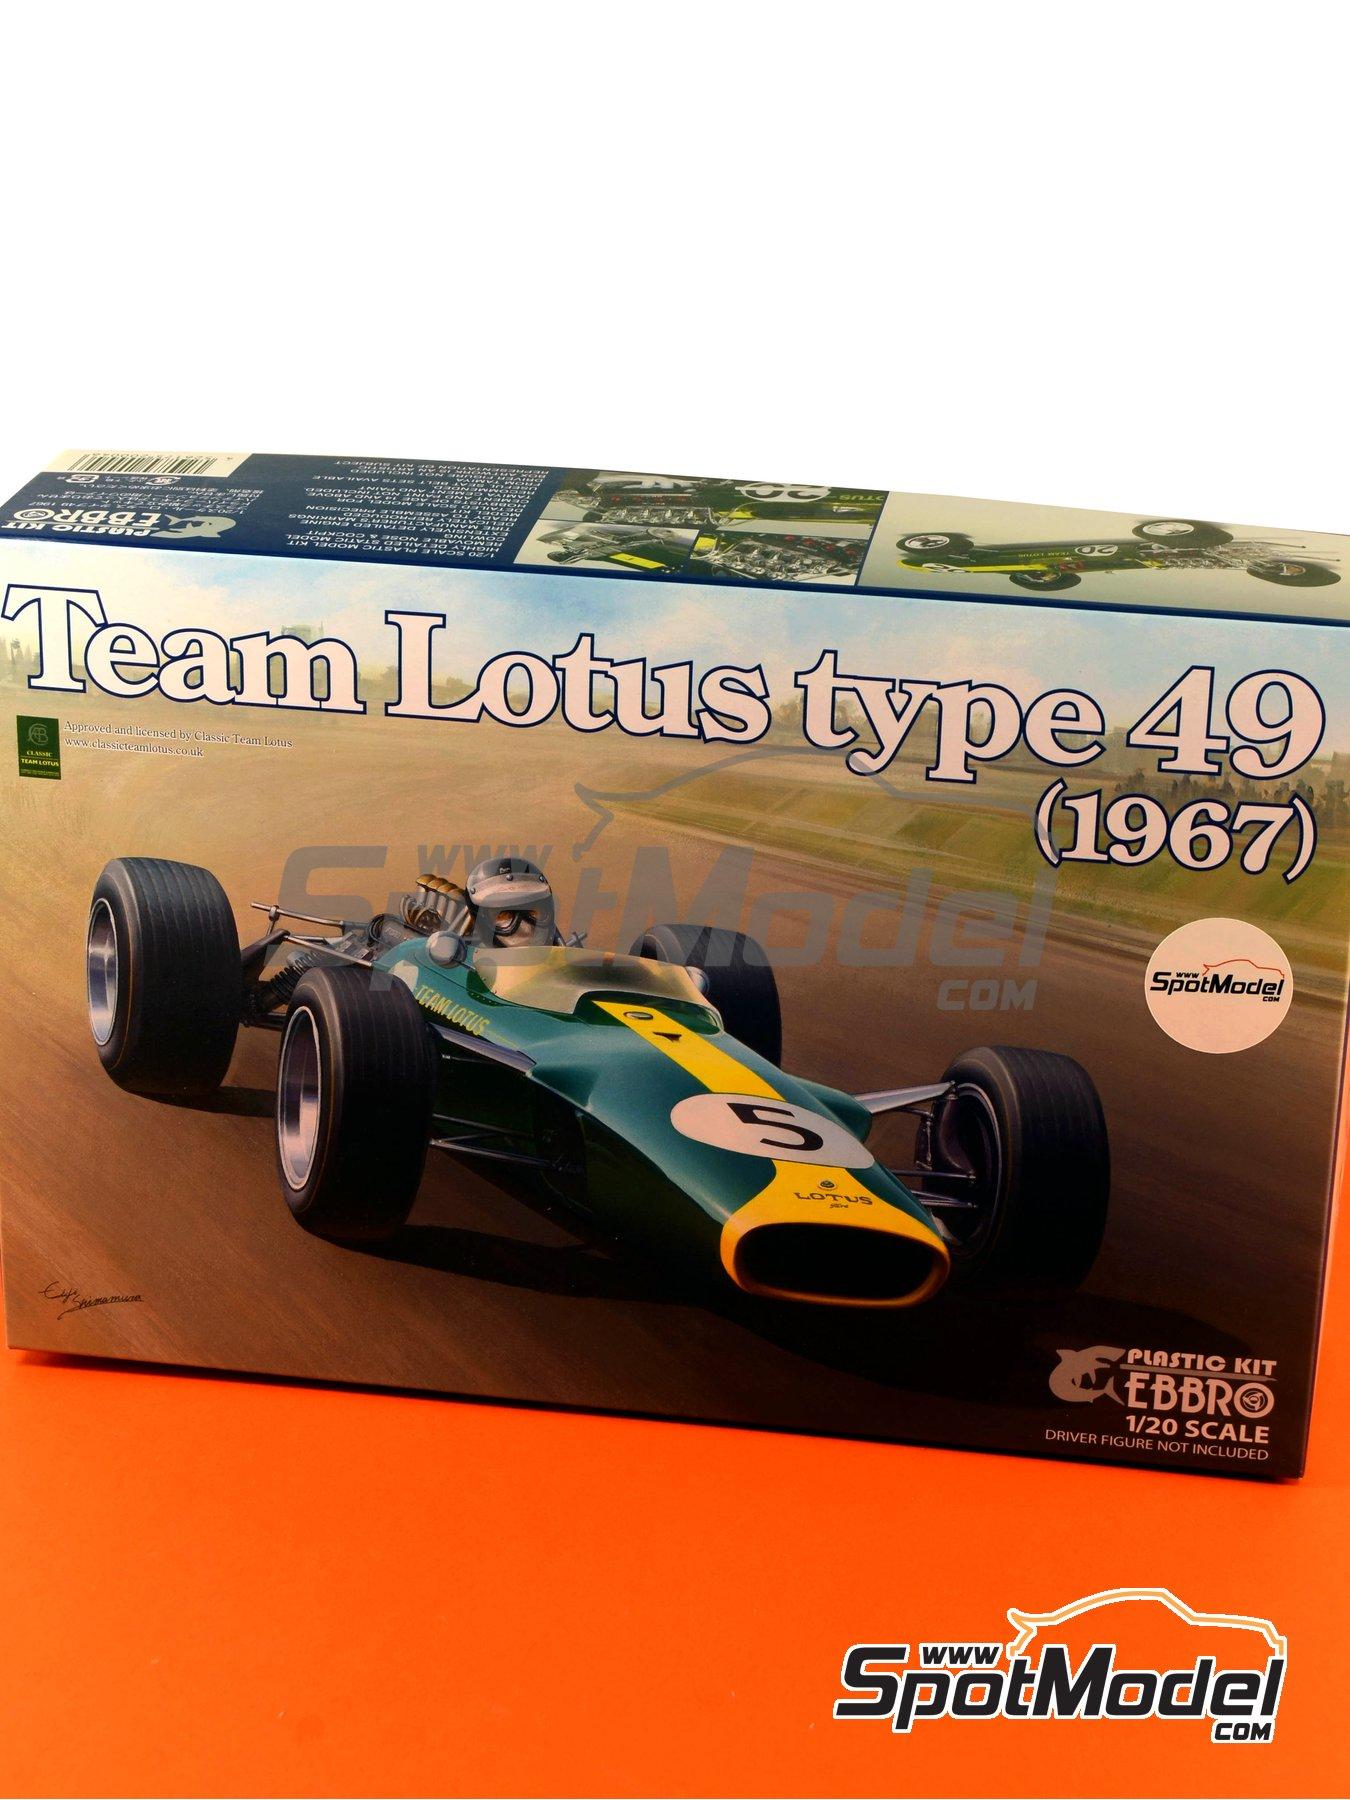 Lotus Ford Type 49 Shell - Gran Premio de Formula 1 de Holanda, Gran Premio de Fórmula 1 de Inglaterra, Gran Premio de Fórmula 1 de Italia, Gran Premio de Fórmula 1 de Mexico, Gran Premio de Fórmula 1 de Sudafrica, Gran Premio de Fórmula 1 de USA 1967 y 1968 | Maqueta de coche en escala1/20 fabricado por Ebbro (ref.EBR20004, tambien 20004) image